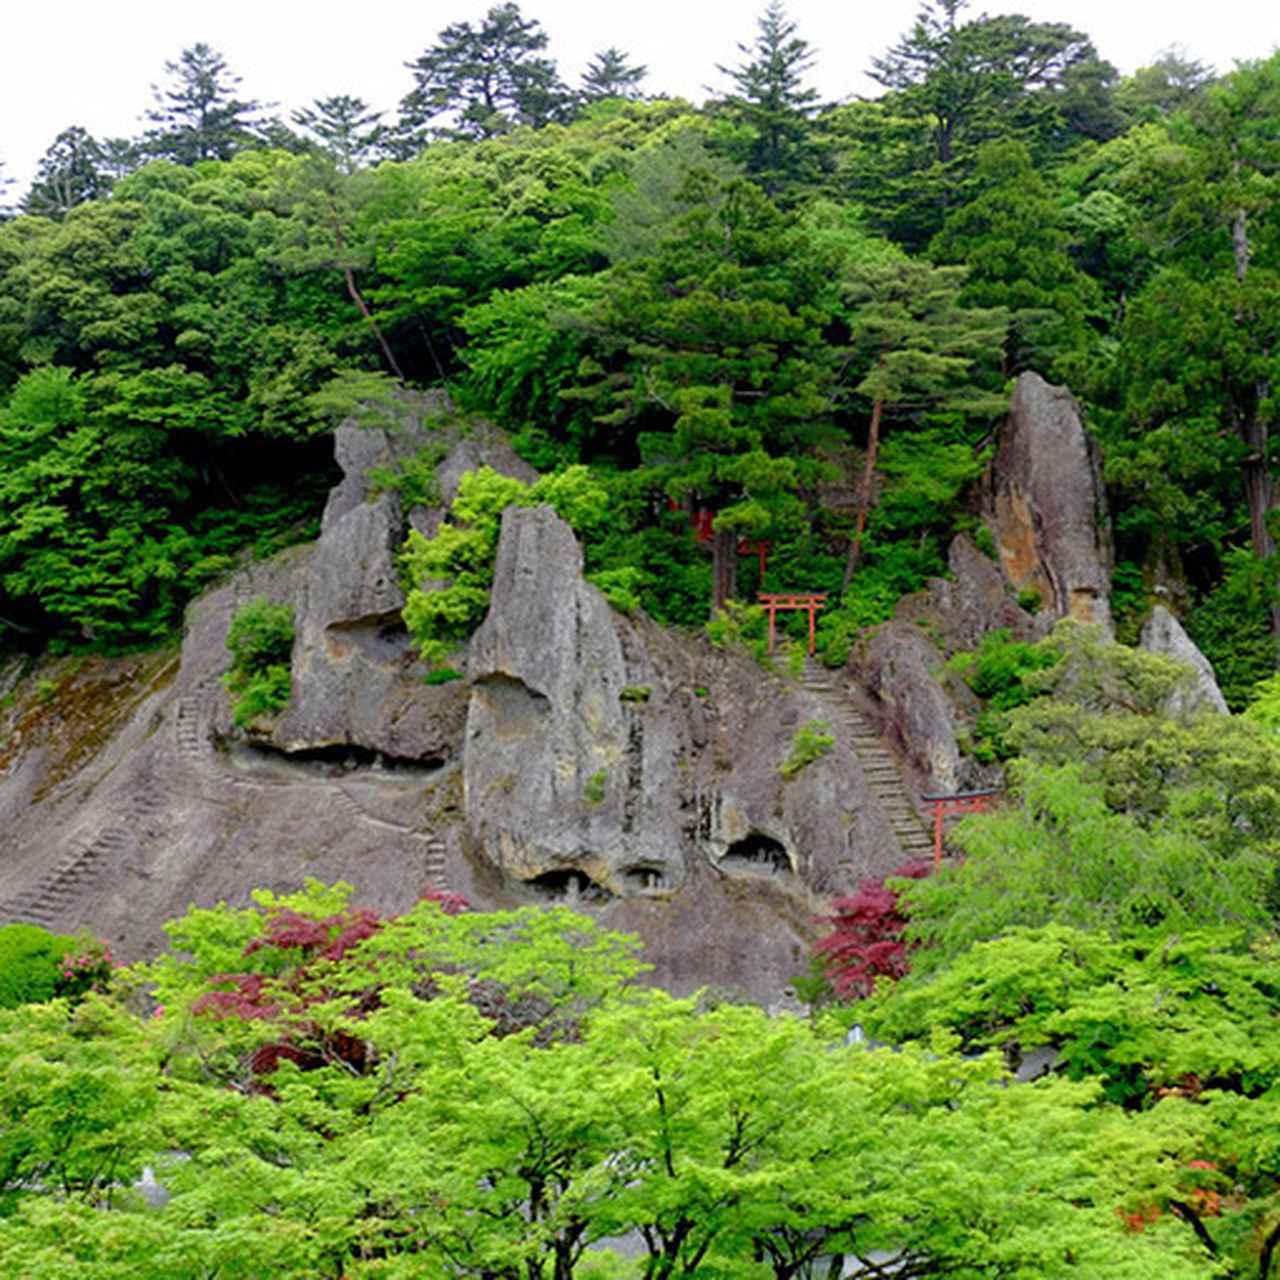 画像: 新設された展望台へ登ると奇岩遊仙境が一望できます。那谷寺の岩山の中には沢山の洞窟があり、特に本殿では母親の胎内からの生まれ変わりと捉え、「胎内くぐり」をすることで清い自分に生まれ変わるとも言われています。